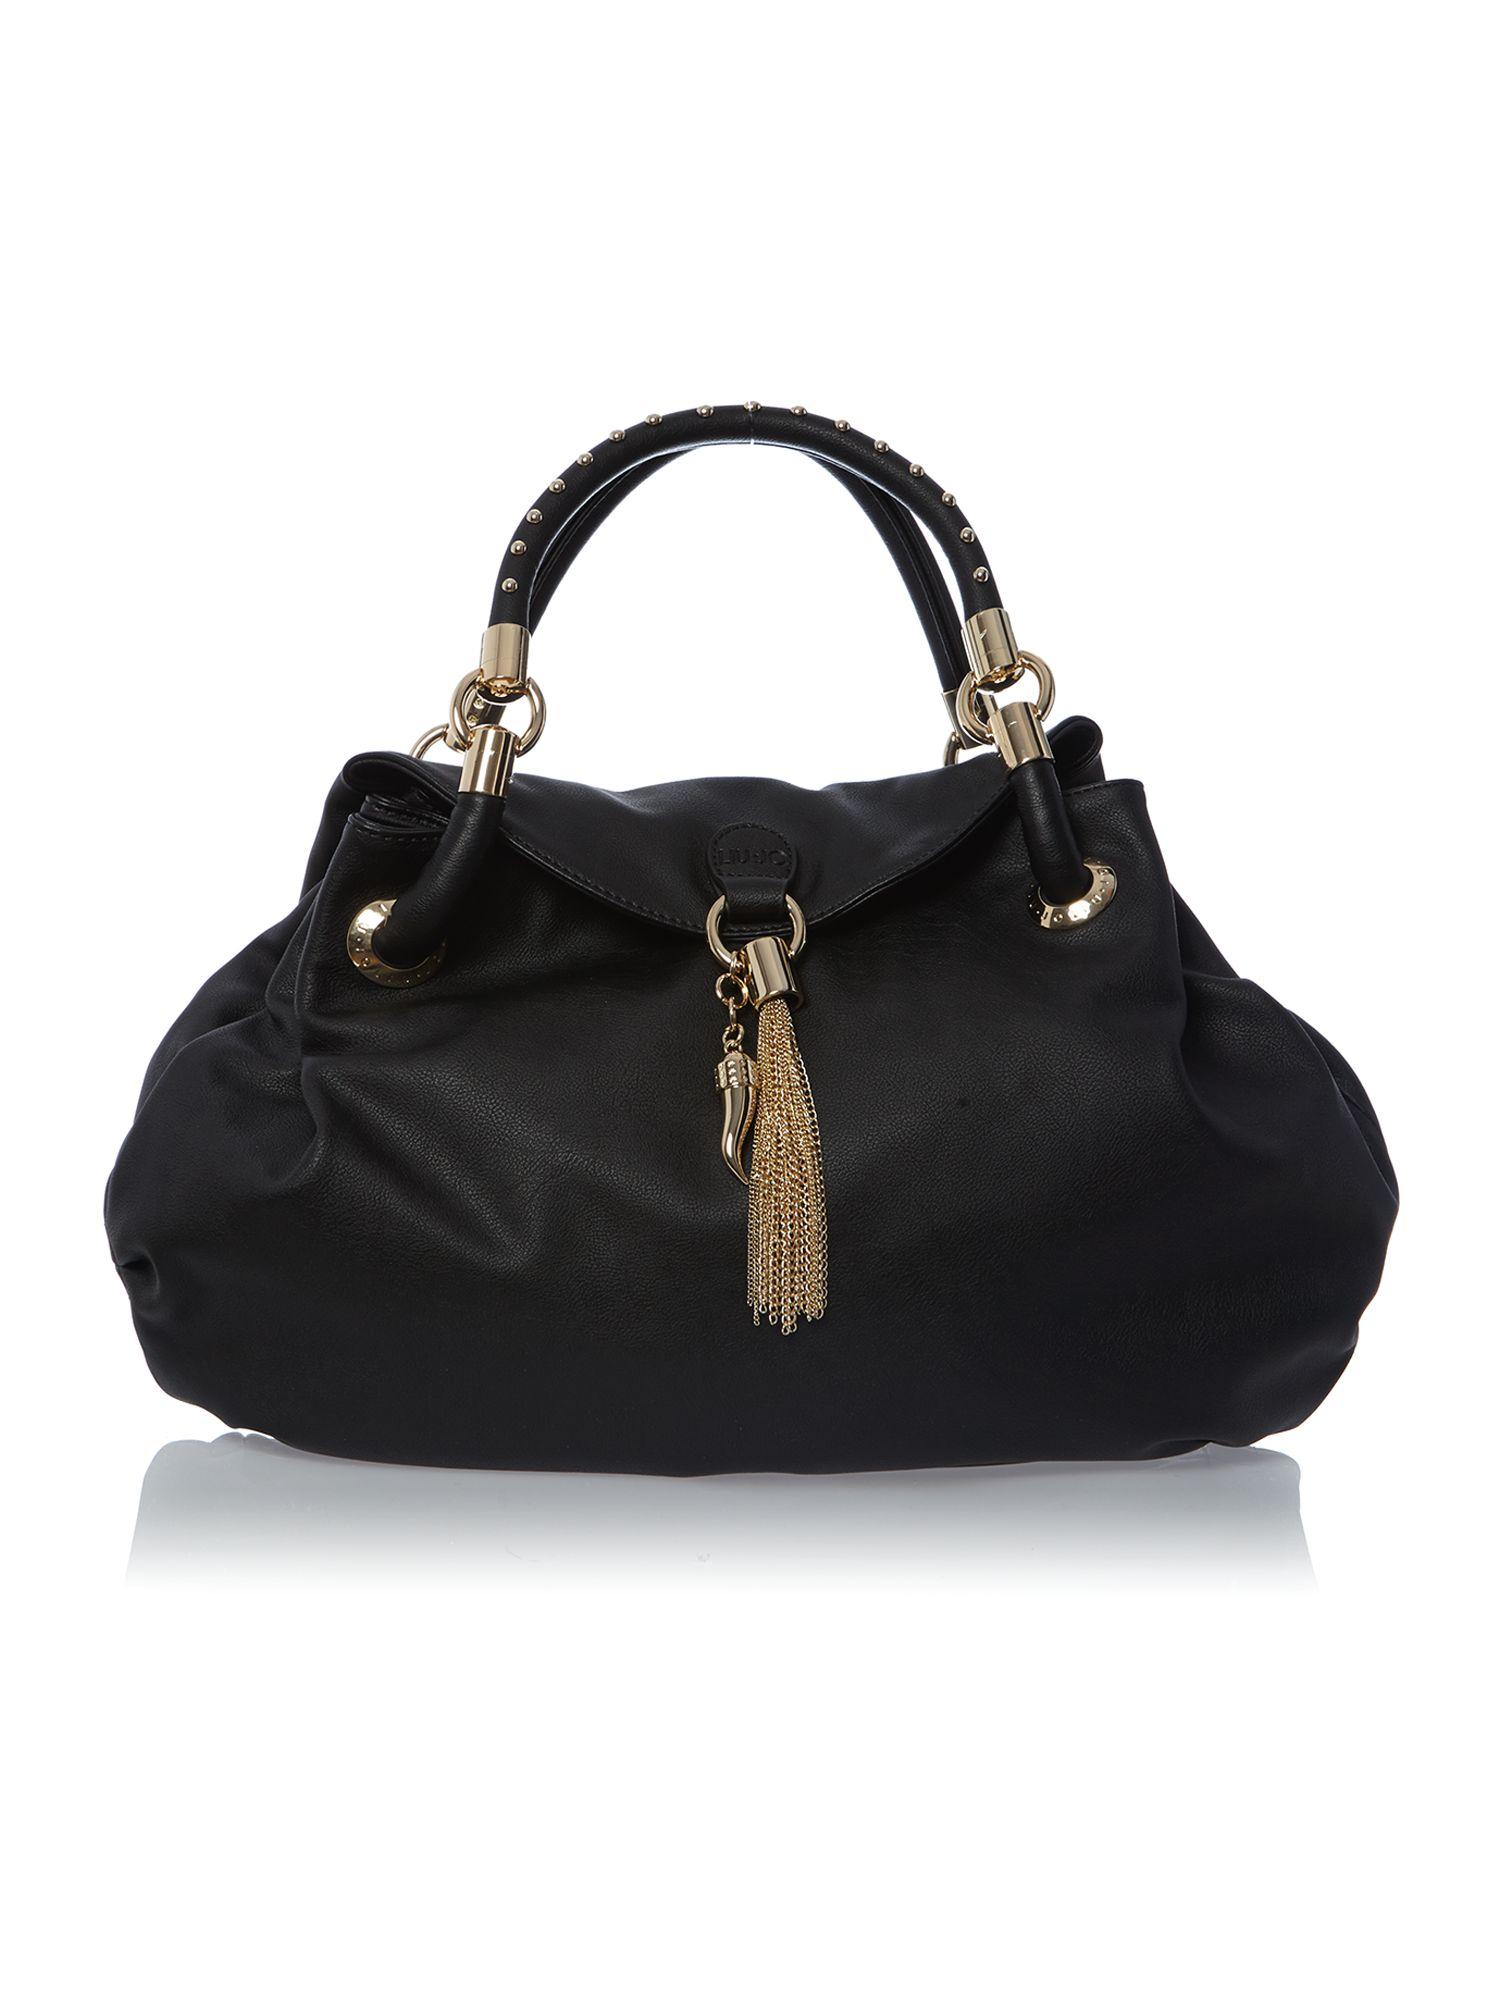 Liu jo Sophia Black Hobo Bag in Black | Lyst